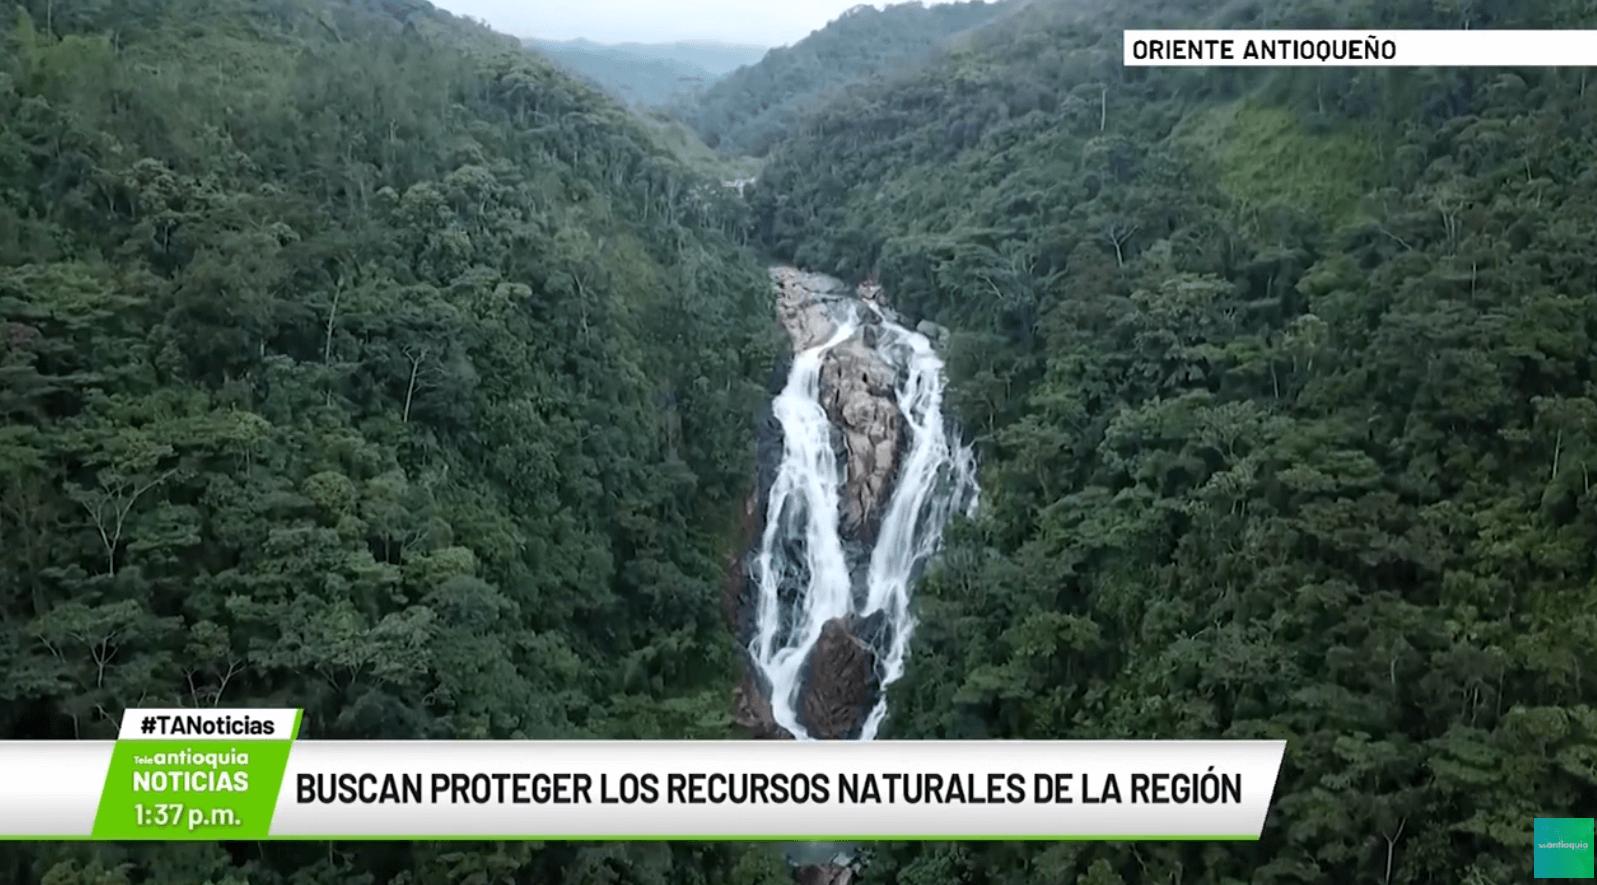 Buscan proteger los recursos naturales de la región